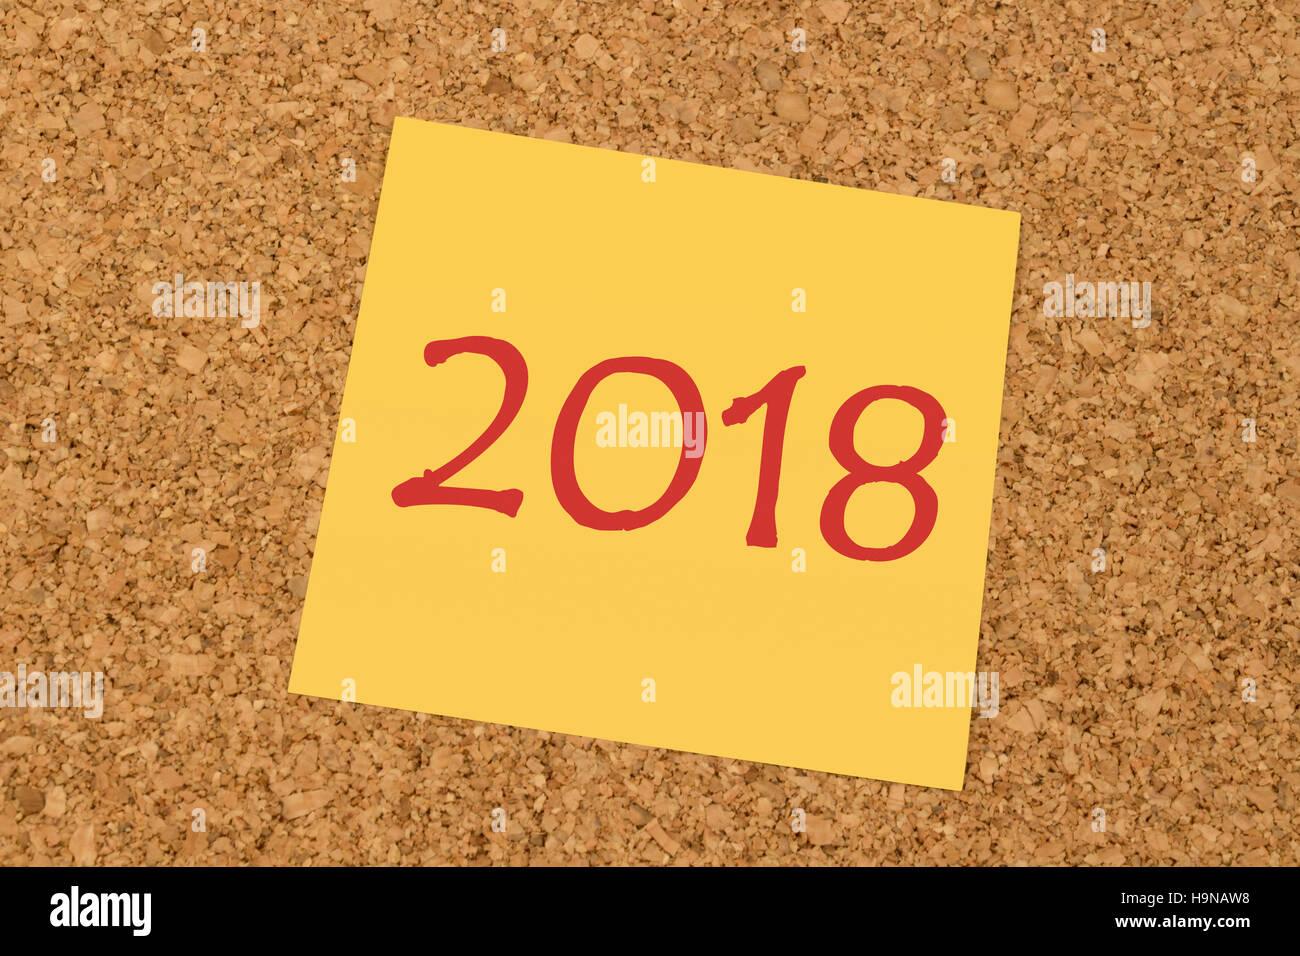 Bigliettino giallo su un ufficio bacheca di sughero - Anno Nuovo 2018 Immagini Stock